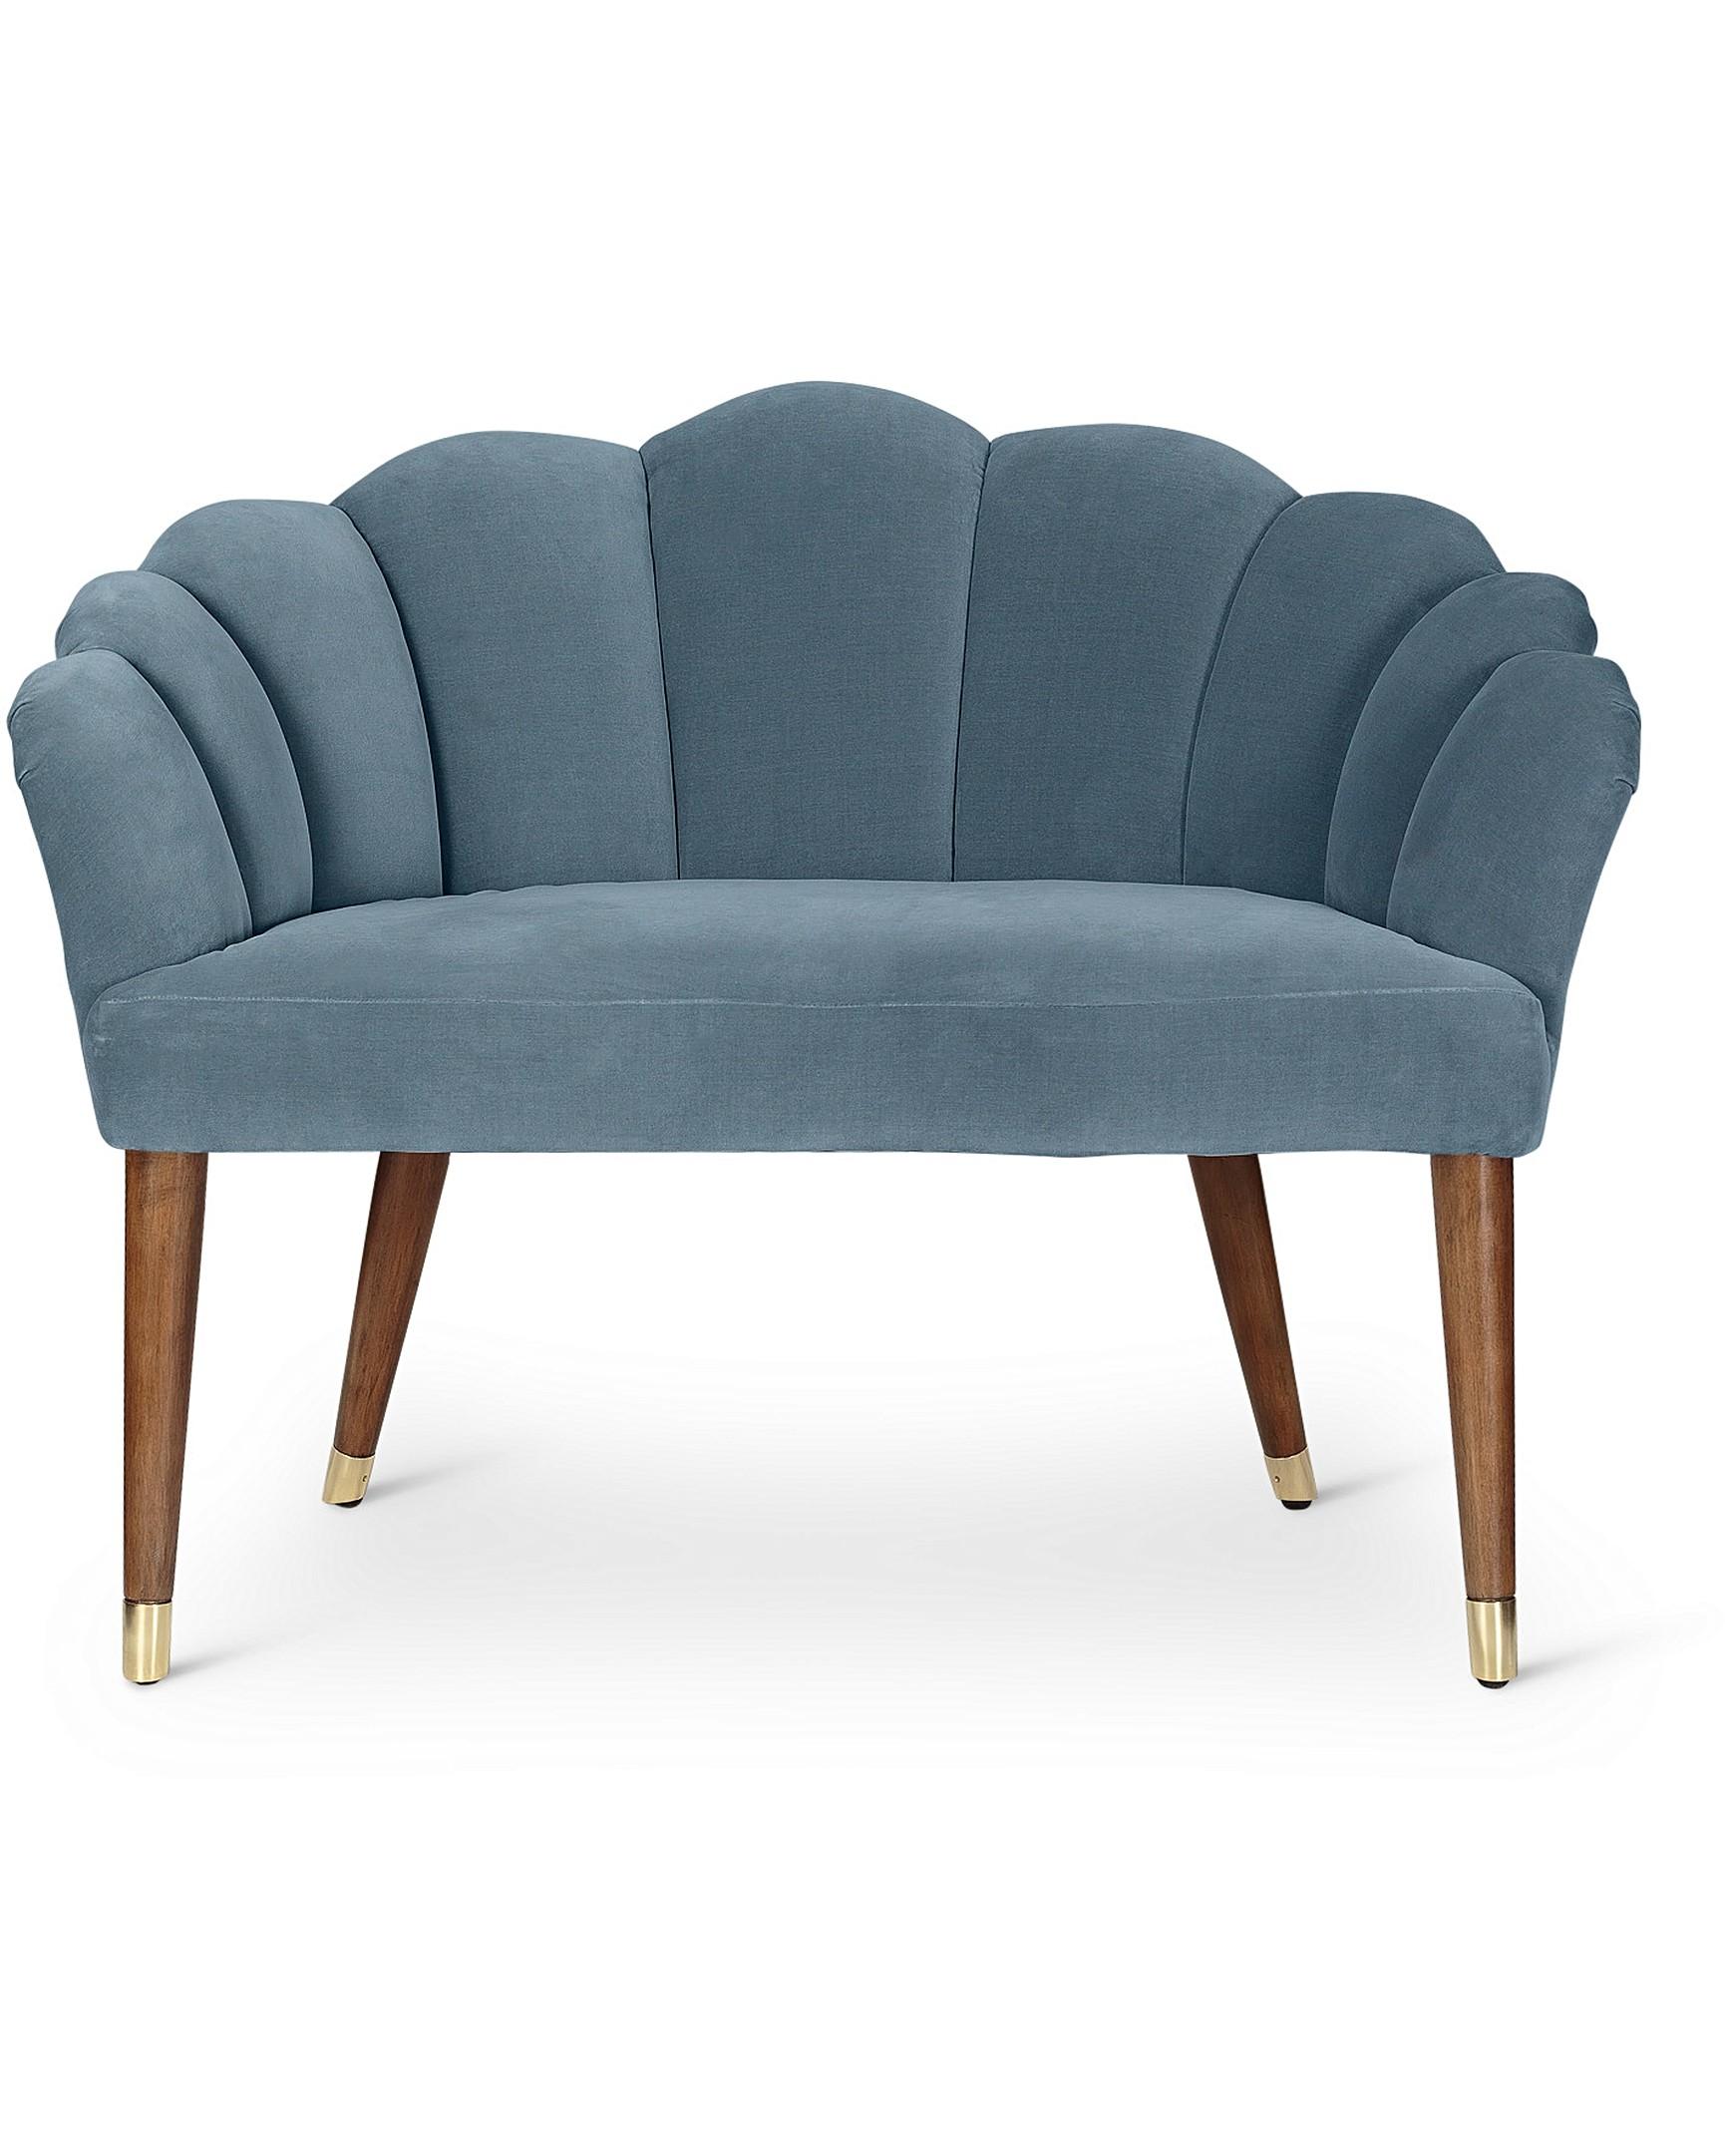 Living Room Furniture Oliver Bonas